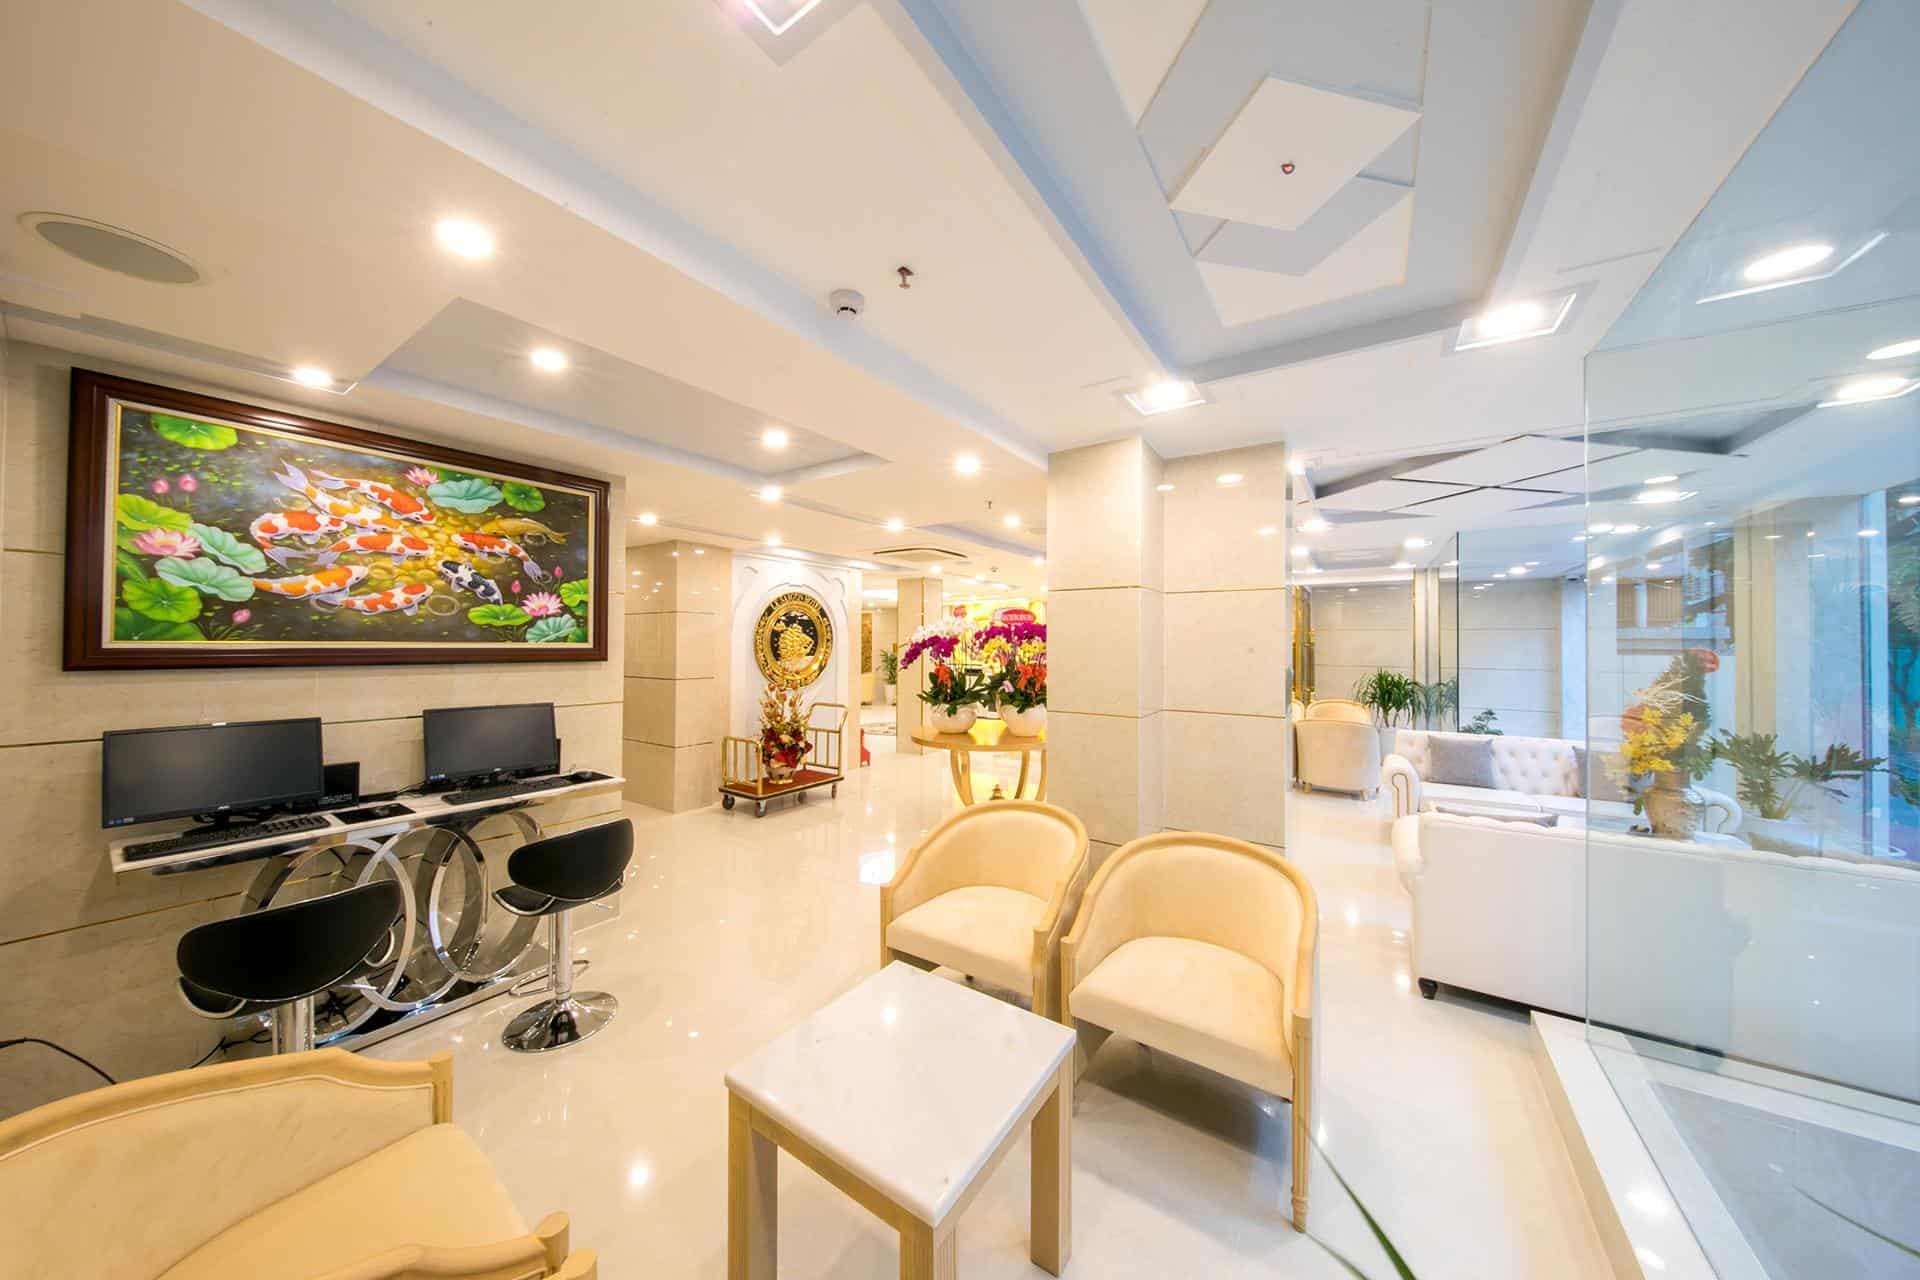 Khu vực tiền sảnh đầy đủ tiện nghi chẳng khác nào một phòng khách tại gia!